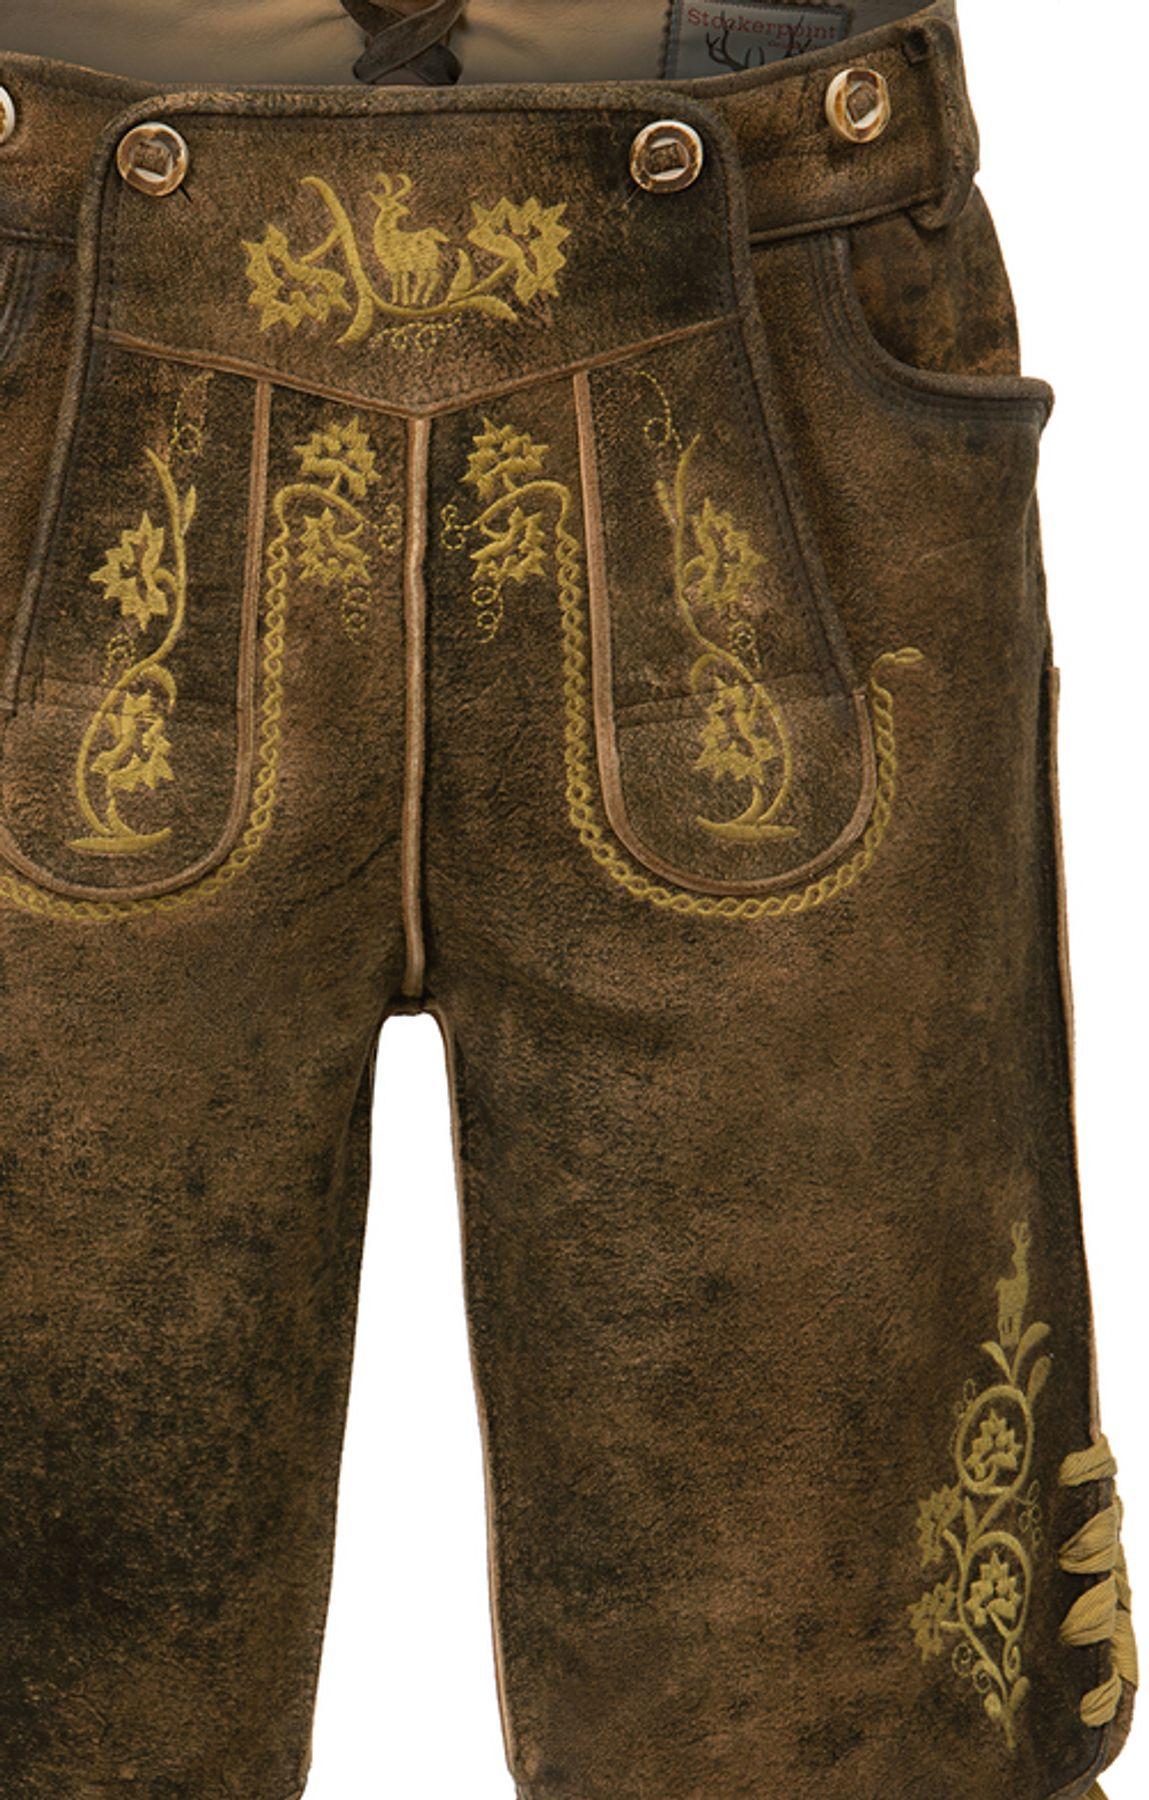 Stockerpoint - Herren Trachten Lederhose mit Träger, in verschiedenen Farben, Edgar – Bild 20